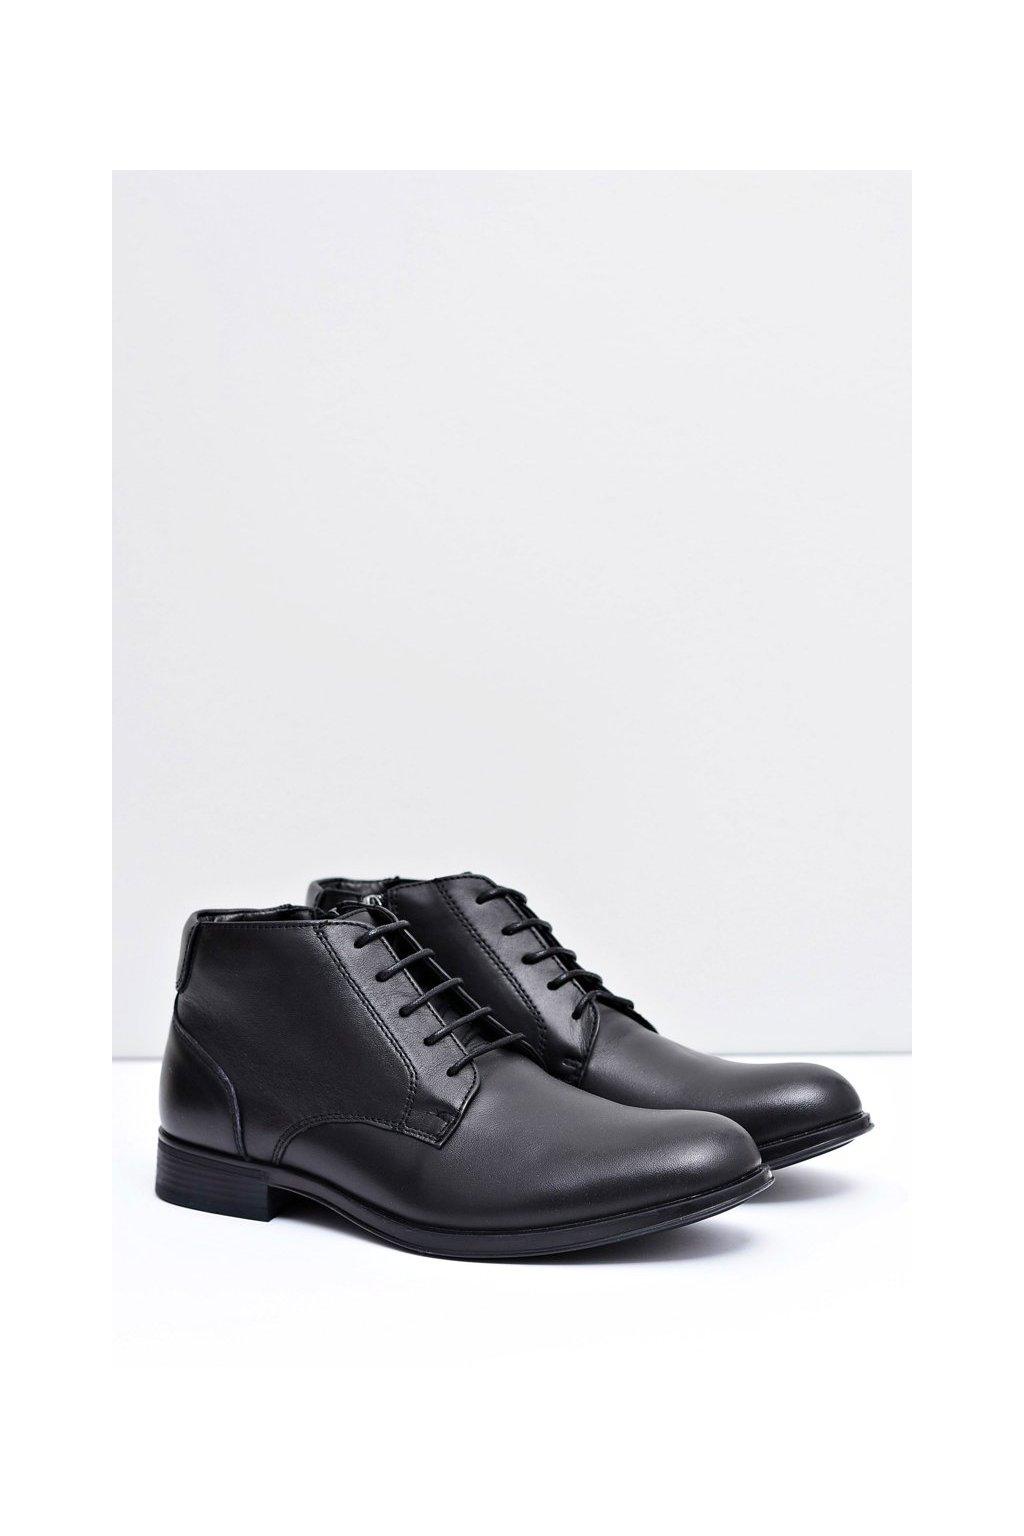 Pánske čierne topánky kožené Artemigo